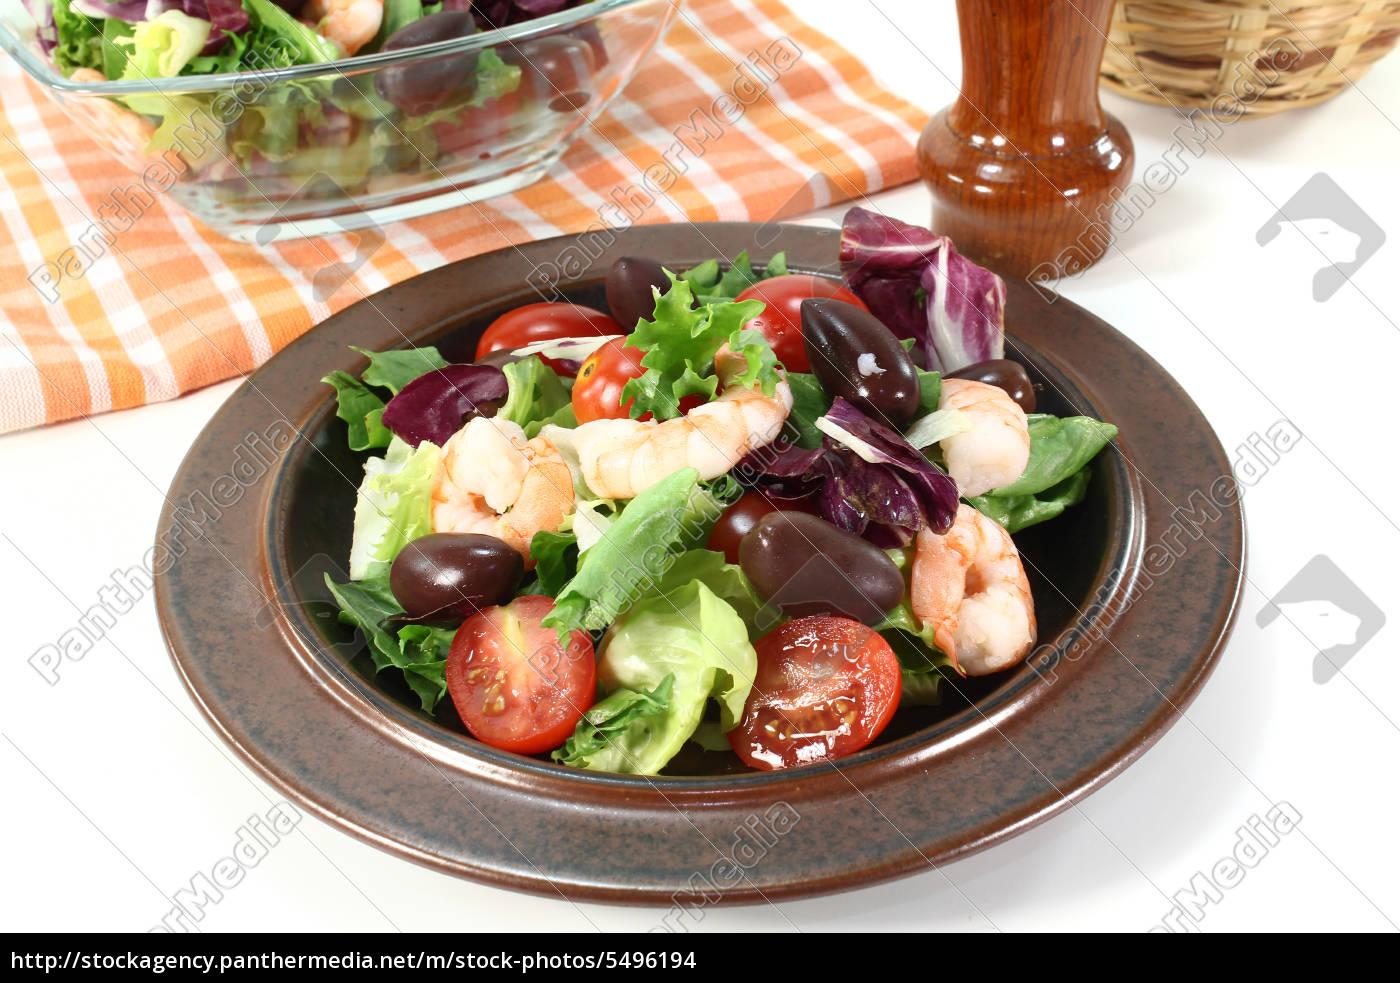 mixed, salad - 5496194